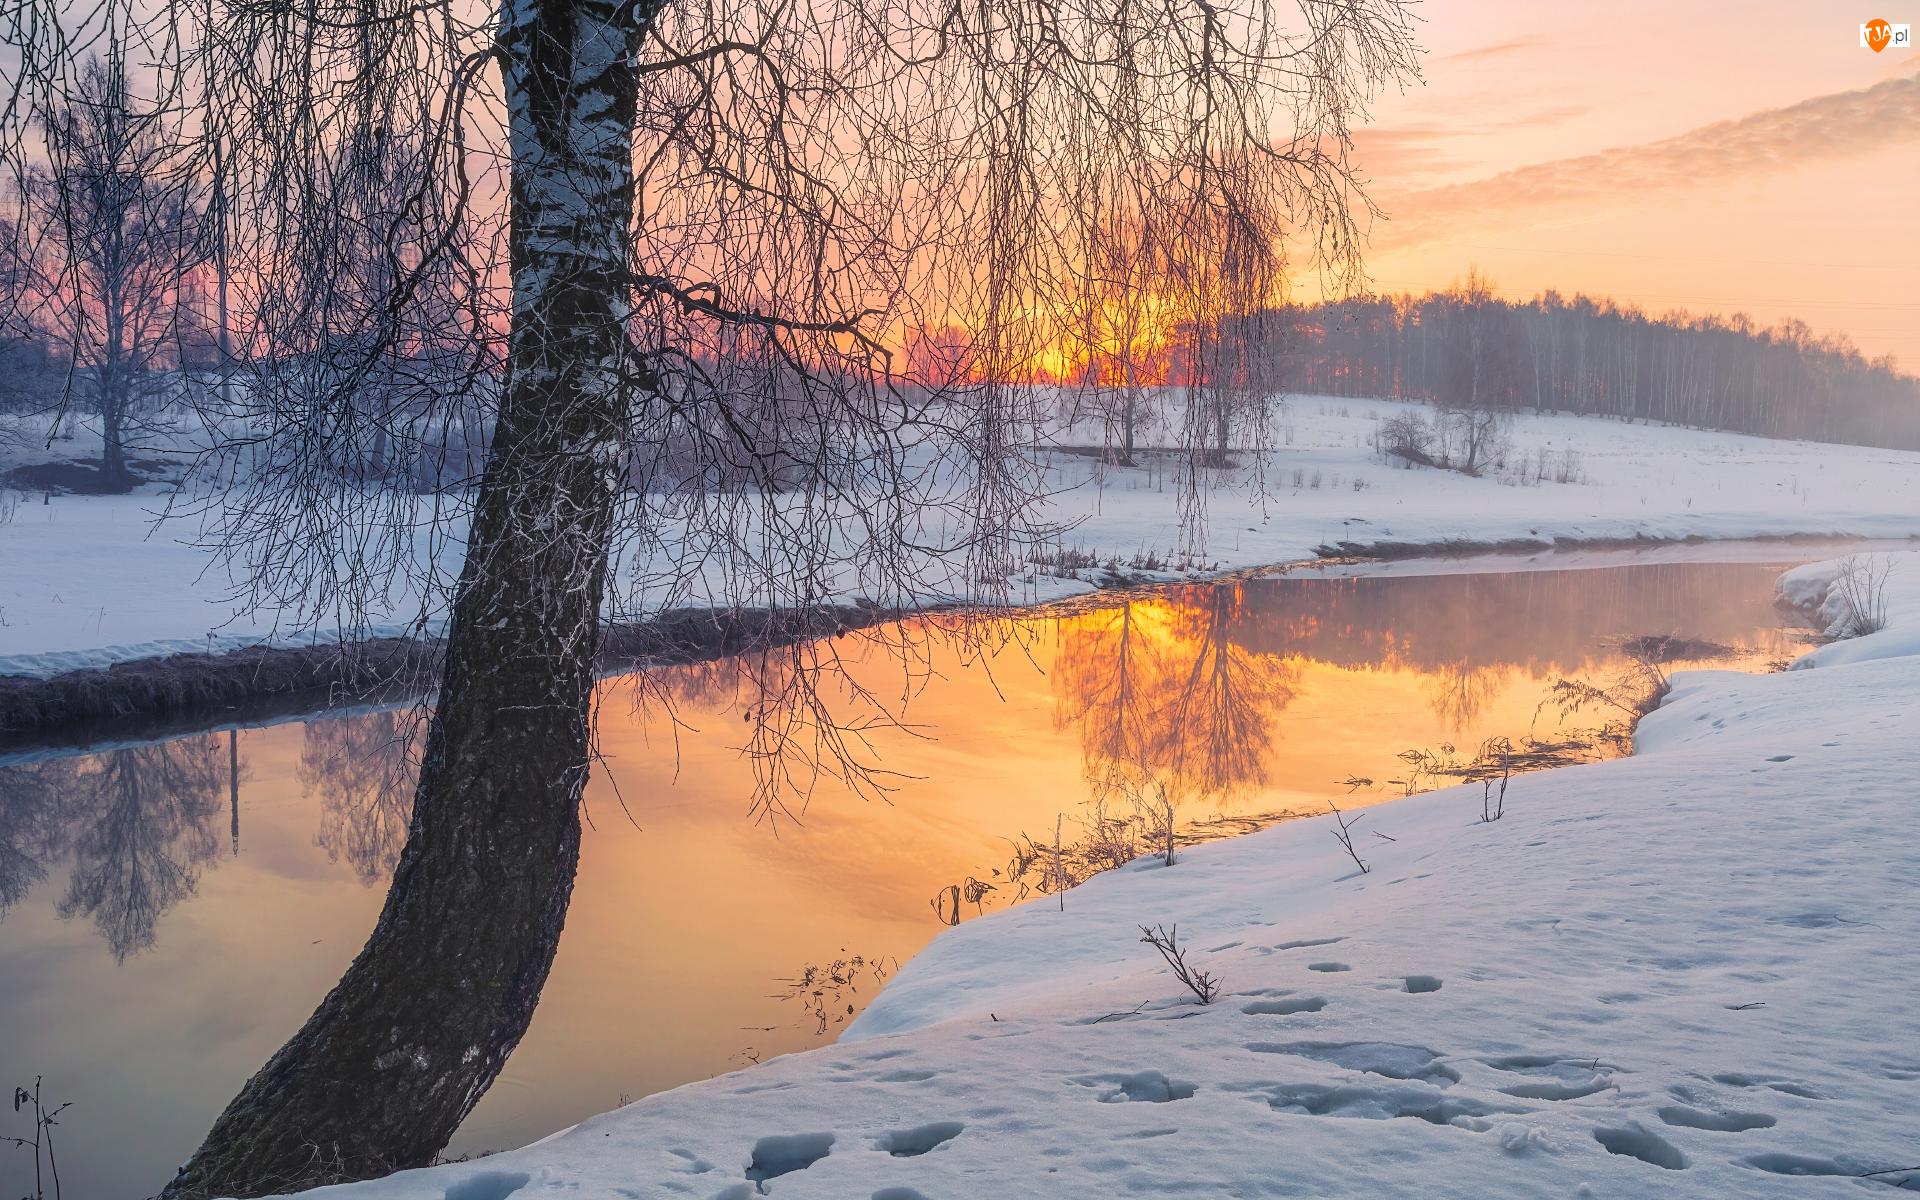 Drzewo, Zachód słońca, Rzeka, Zima, Brzoza